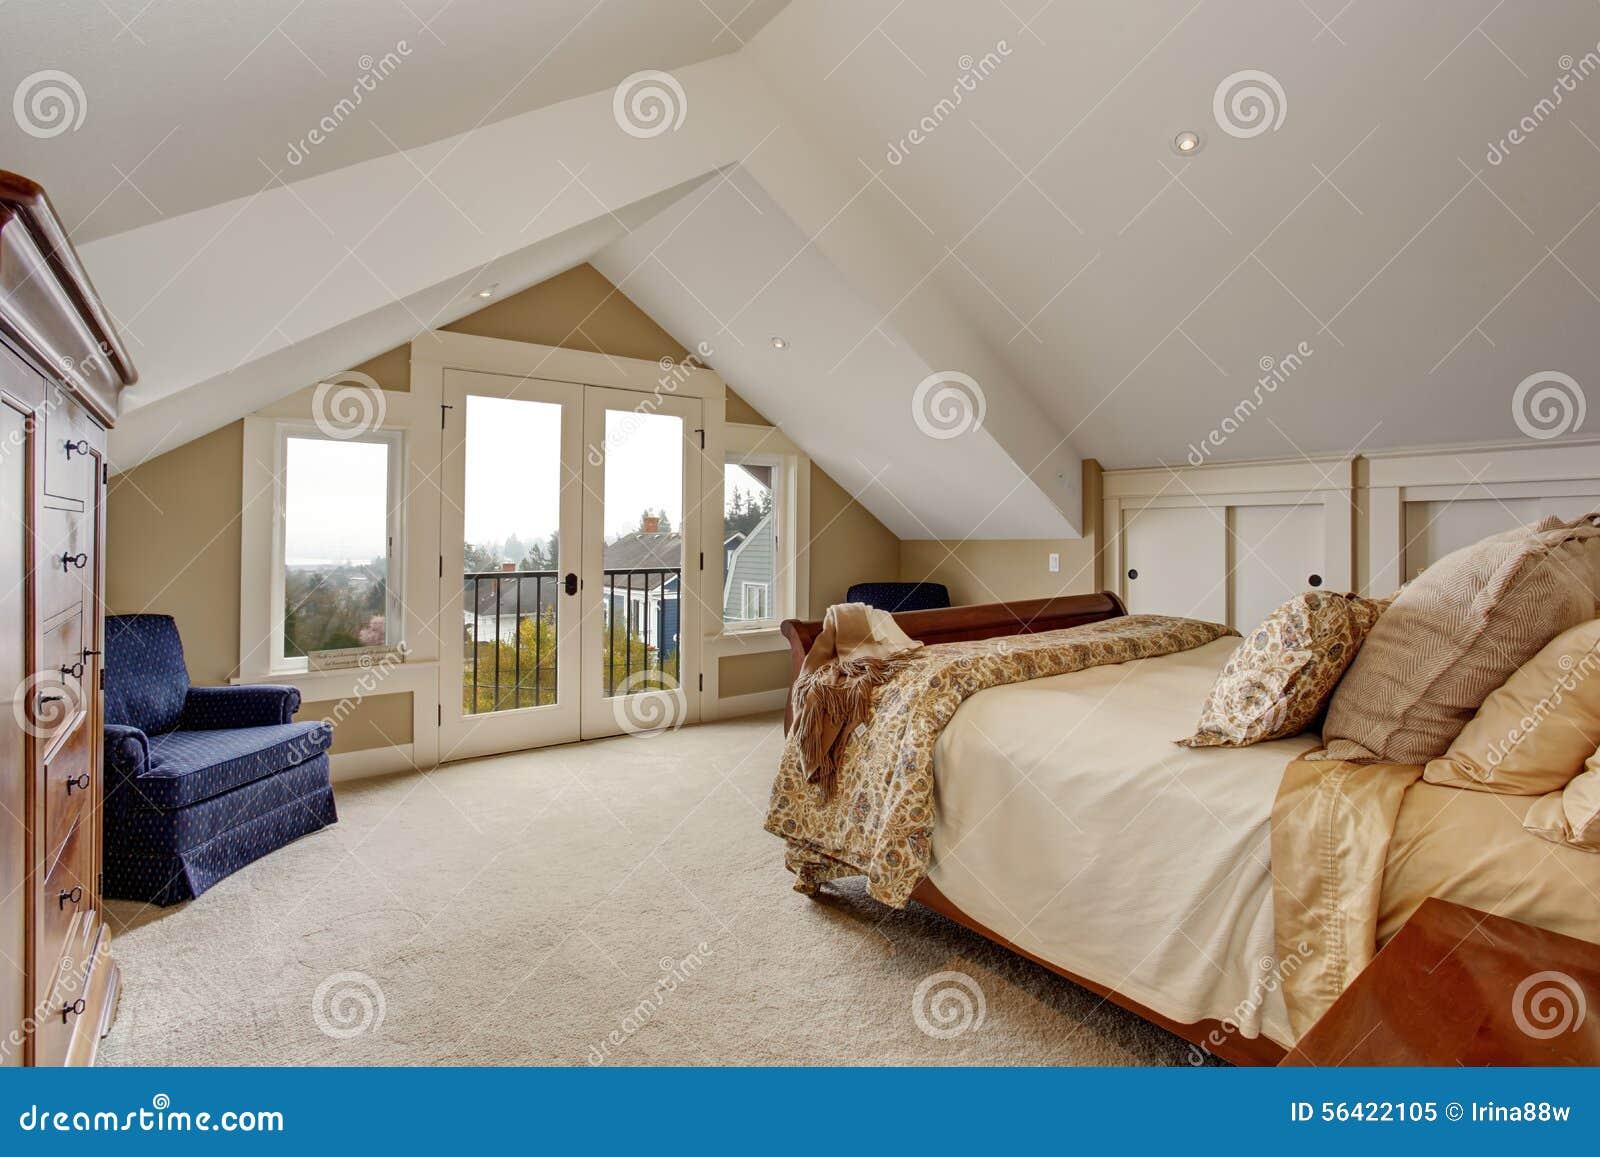 Tapijt Voor Balkon : Geraffineerde hoofdslaapkamer met tapijt en balkon stock